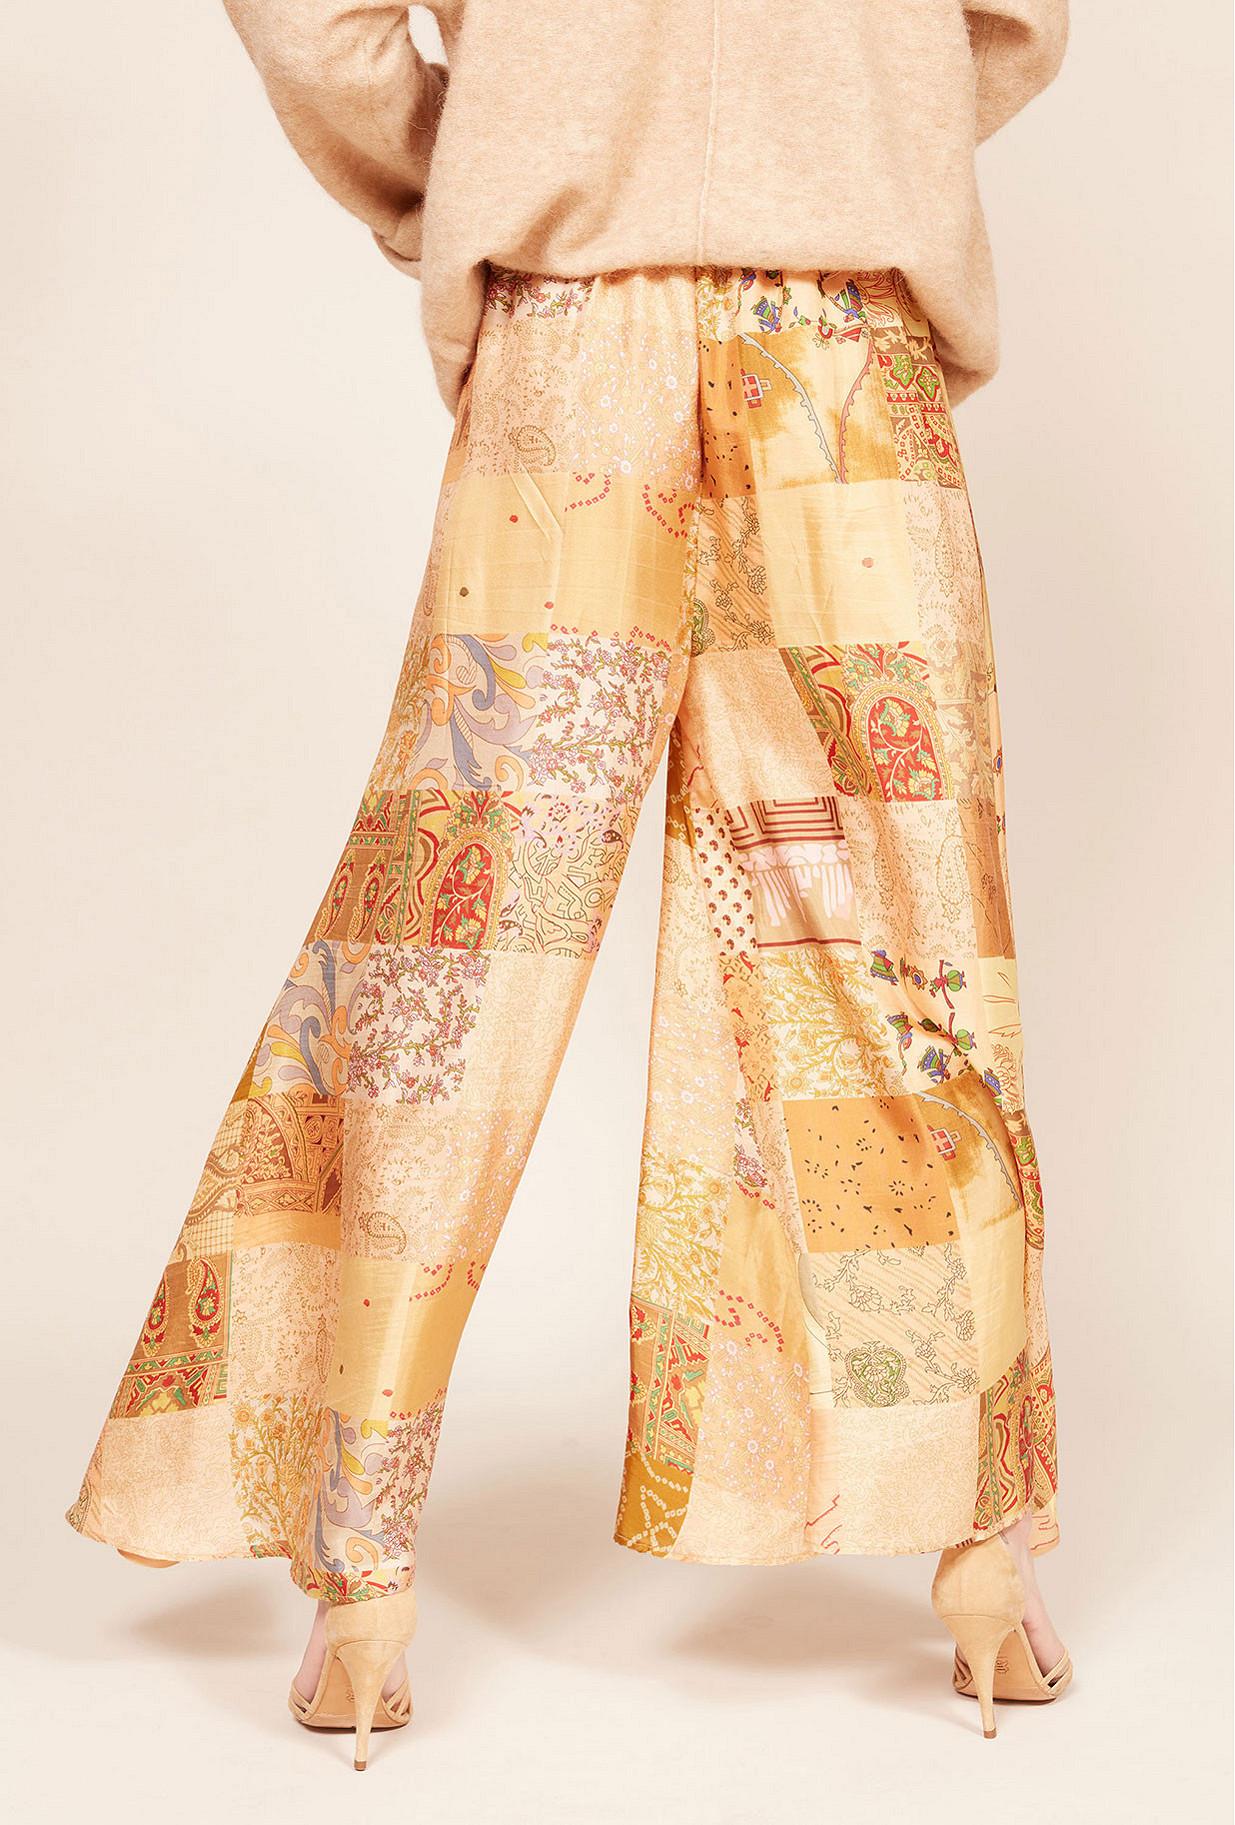 Paris clothes store pant  Pachamama french designer fashion Paris